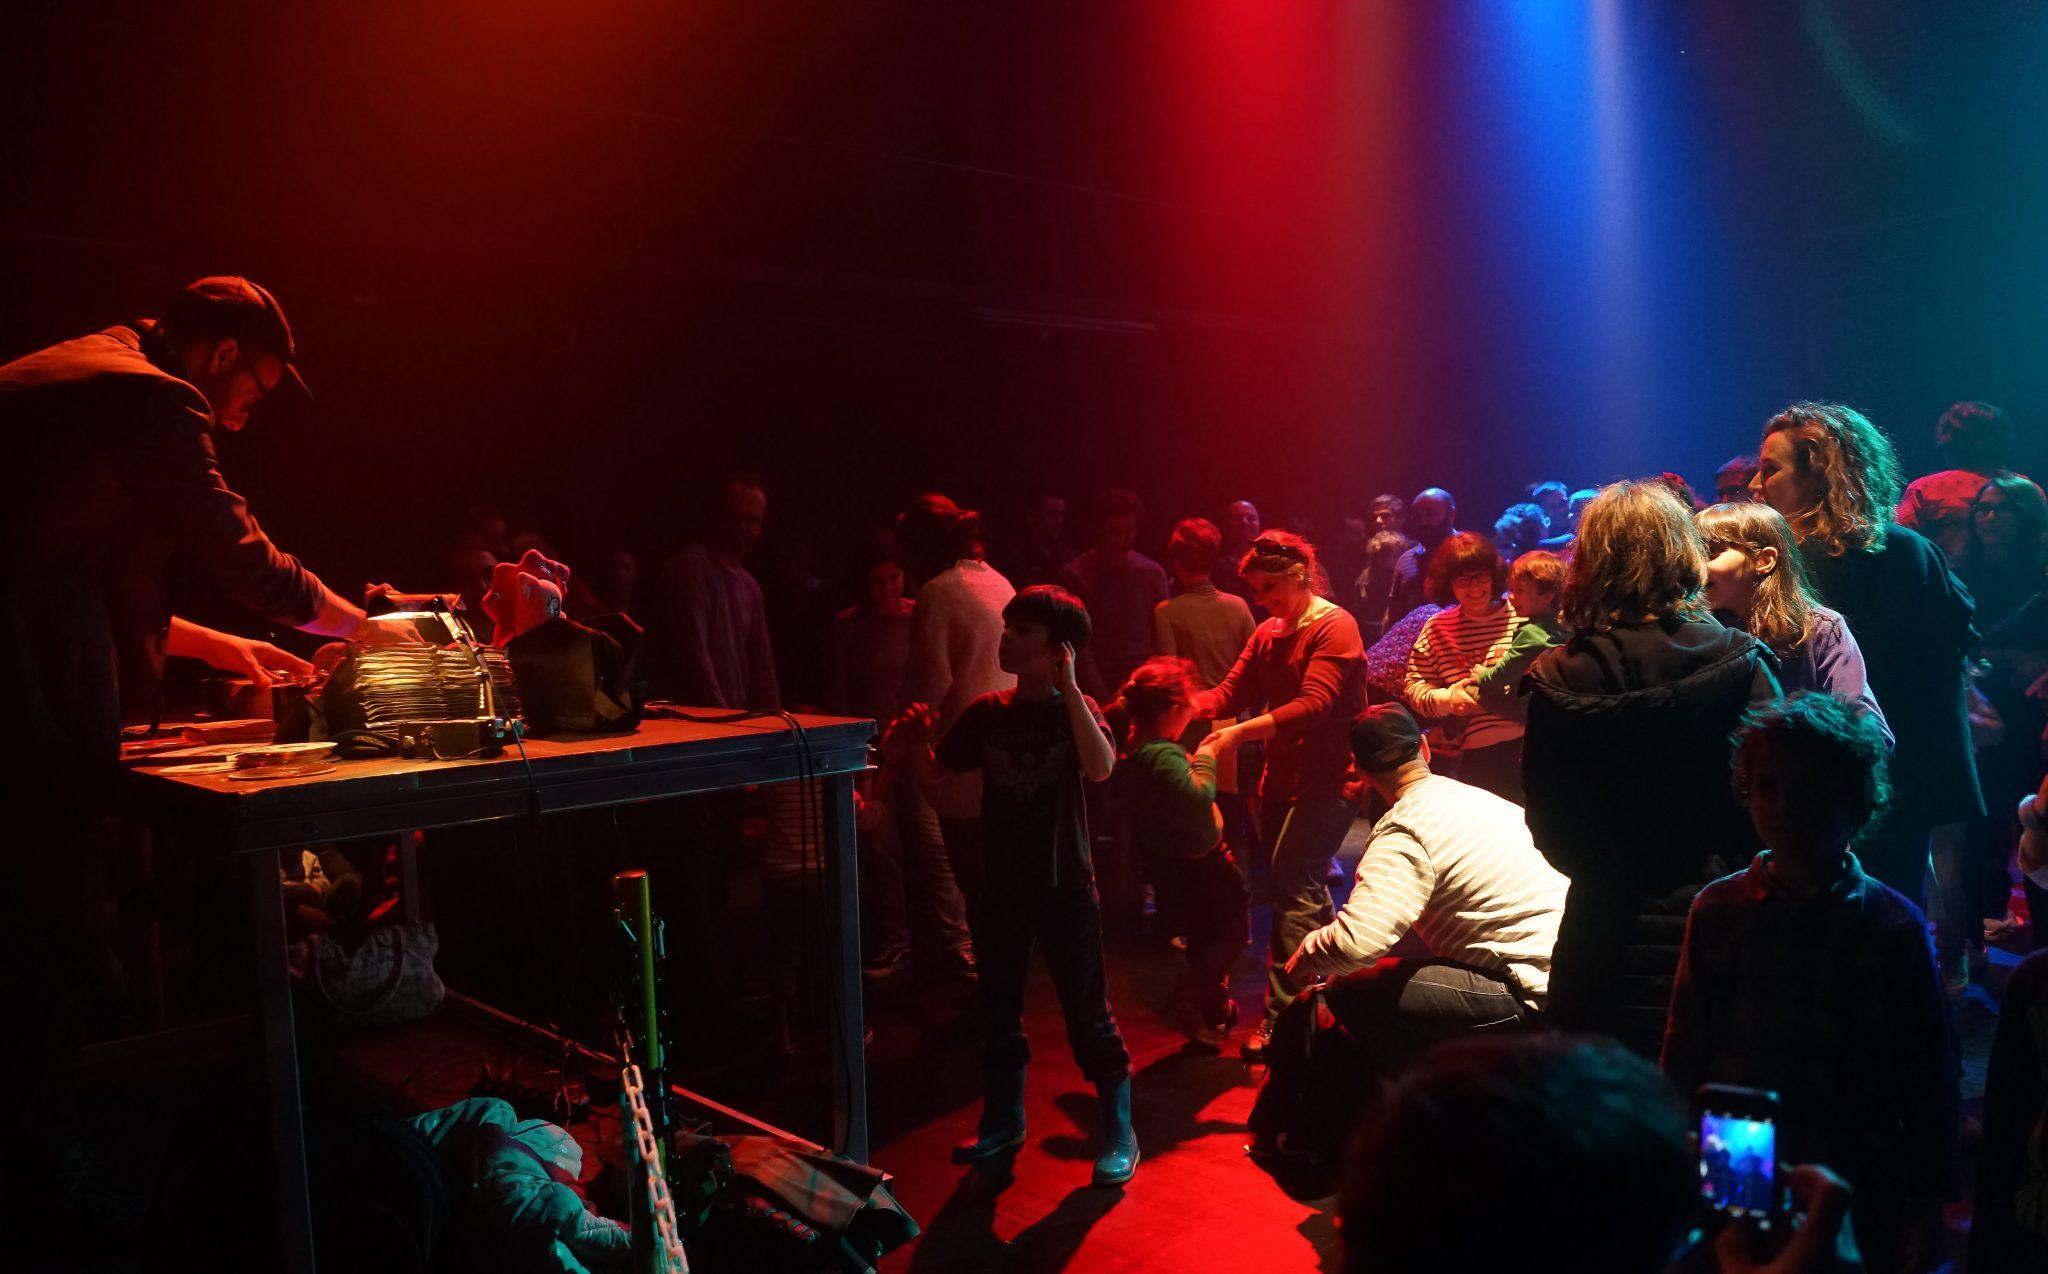 À esquerda do observador, uma mesa de mistura com DJ e, do lado direito, uma pista de dança onde se encontram pessoas de varias idades iluminadas a azul e vermelho